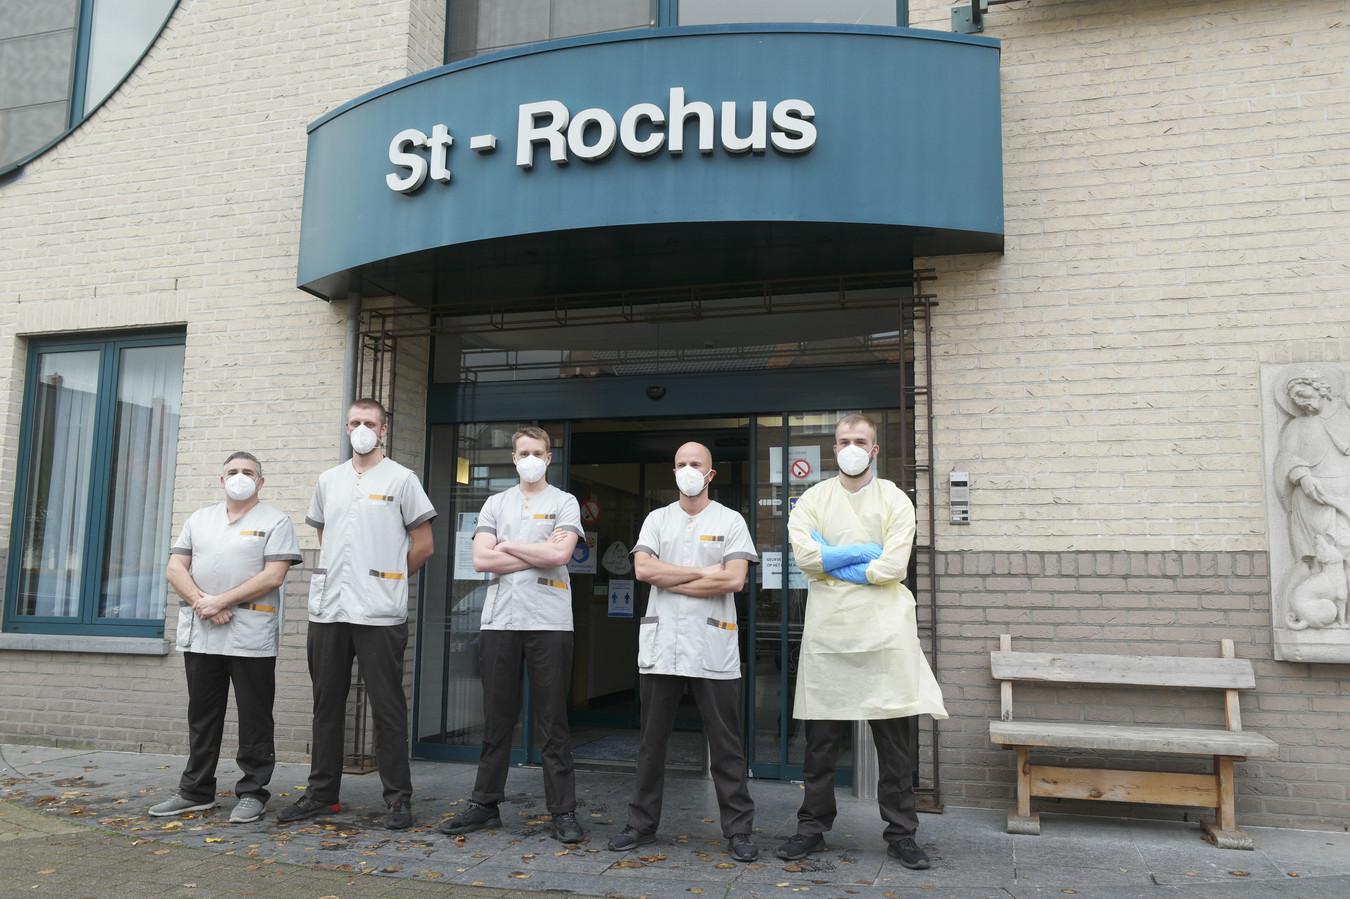 Woonzorgcentrum Sint-Rochus in Aarschot.